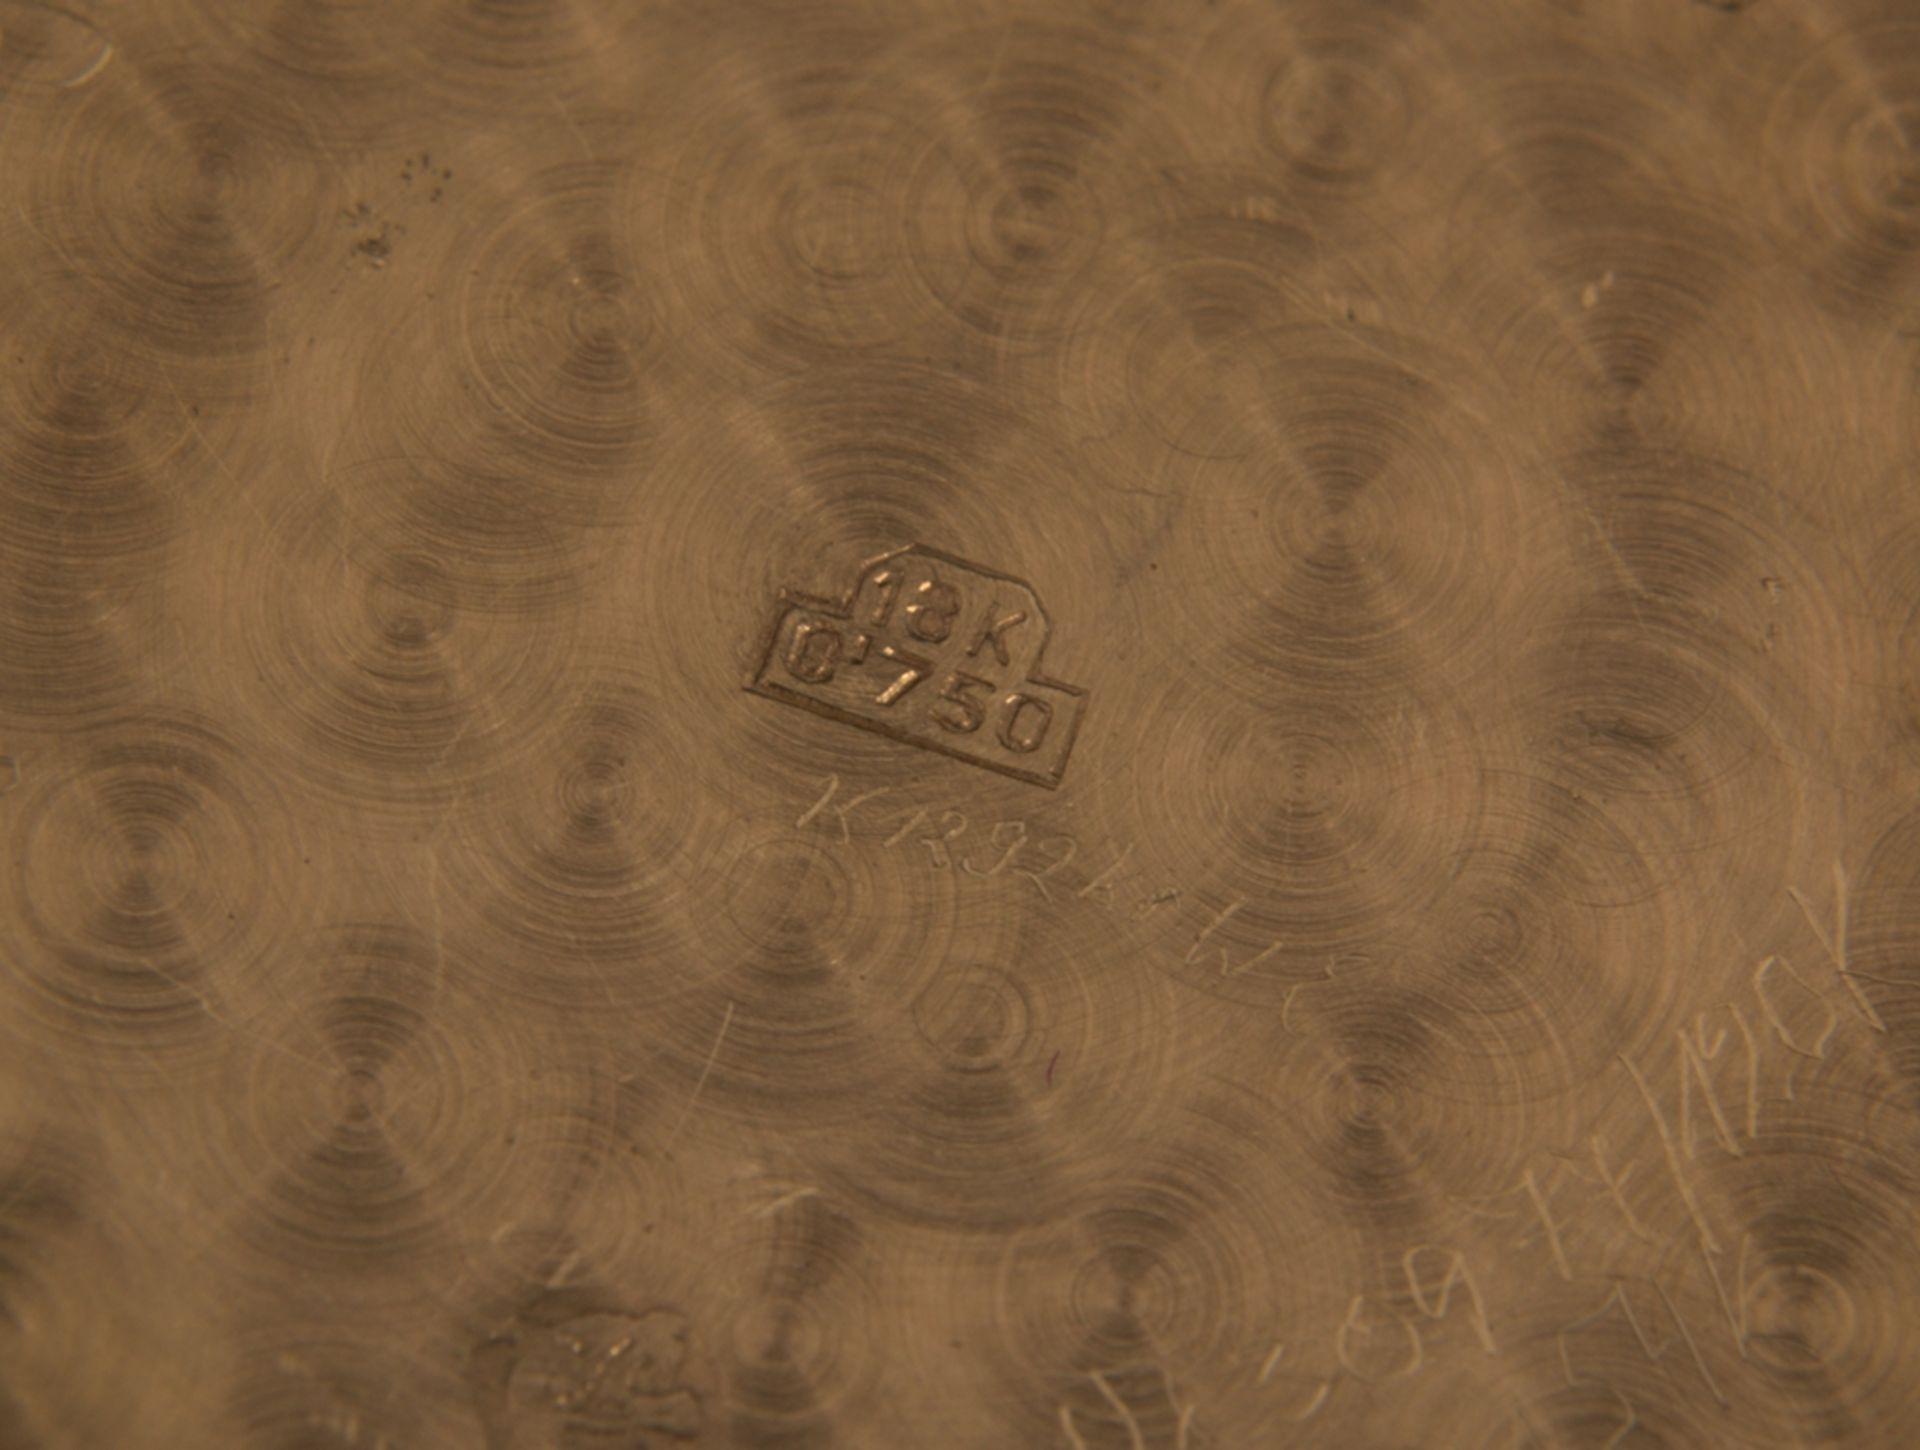 """""""LONGINES"""" - Elegante, goldene Herrenarmbanduhr der Marke Longines. Gehäuse in 18 K Gelbgold, - Bild 2 aus 12"""